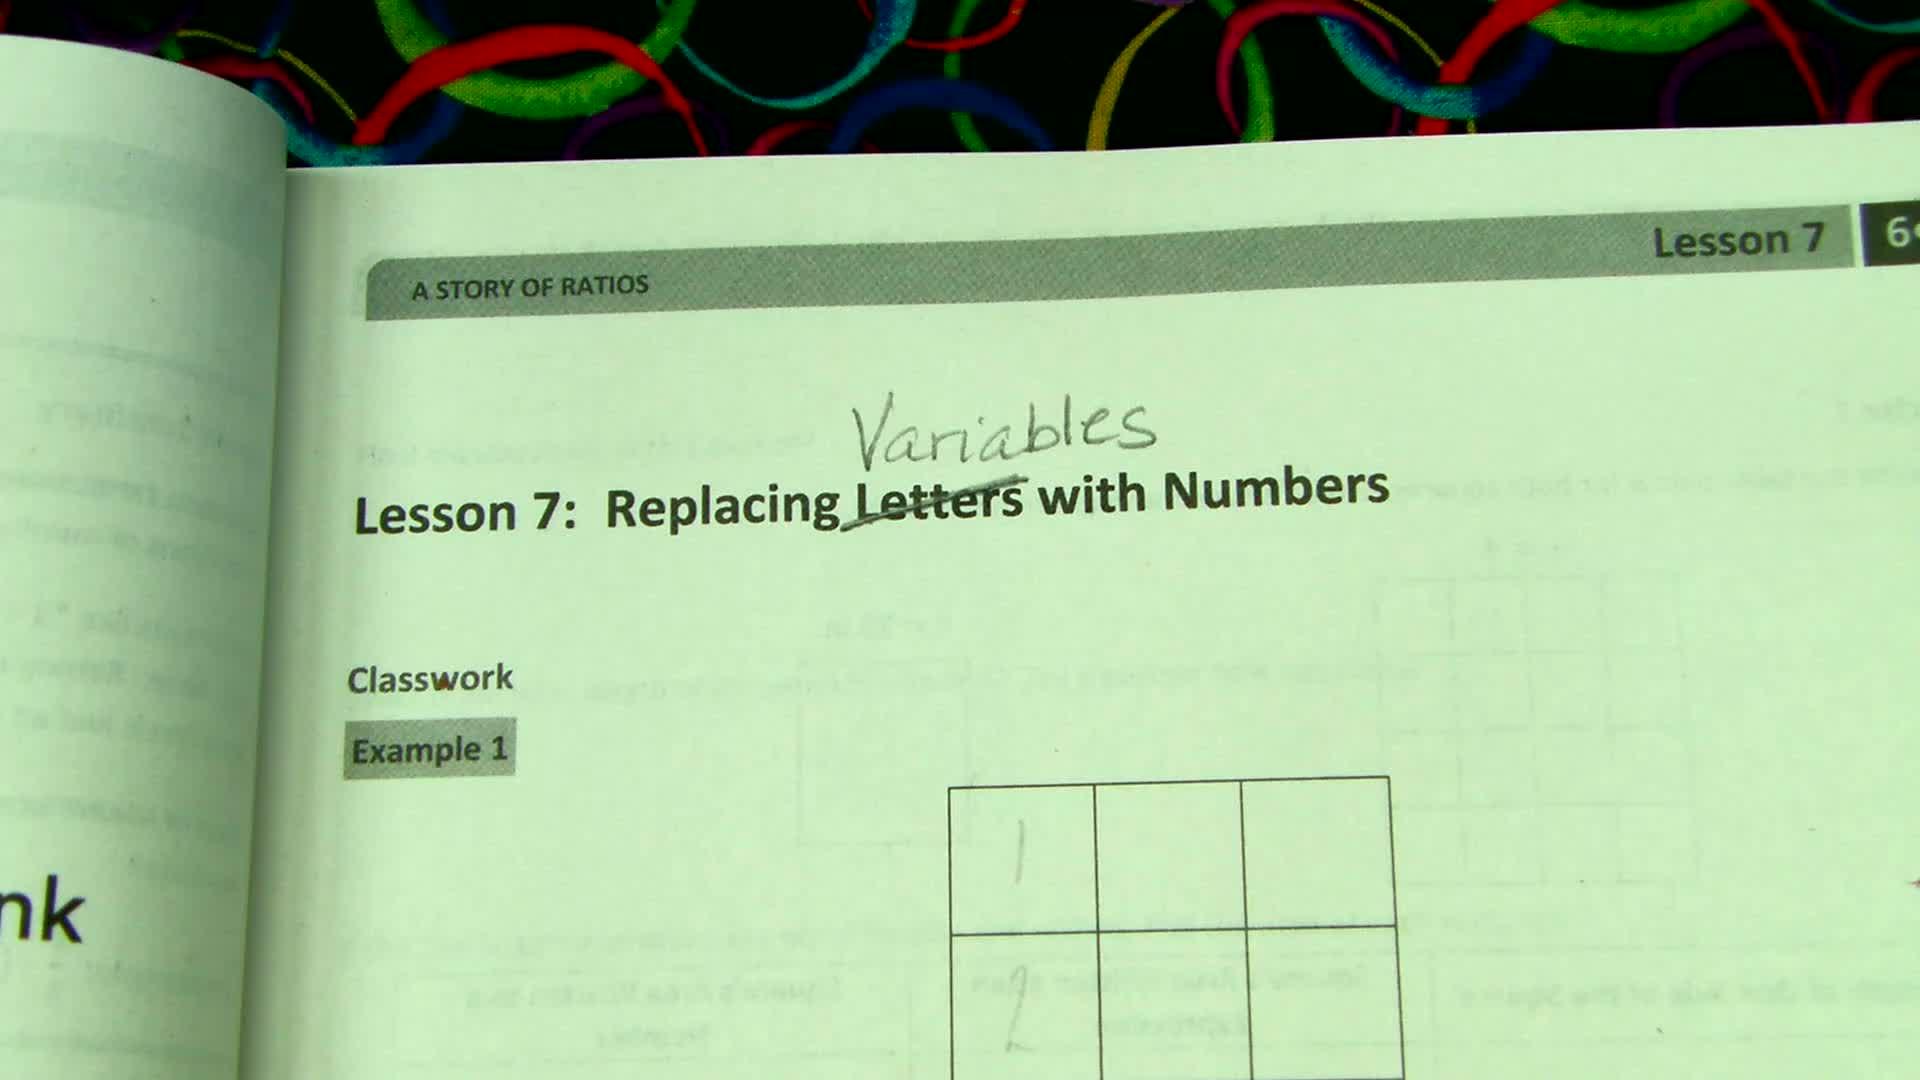 Module 4 - Lesson 7